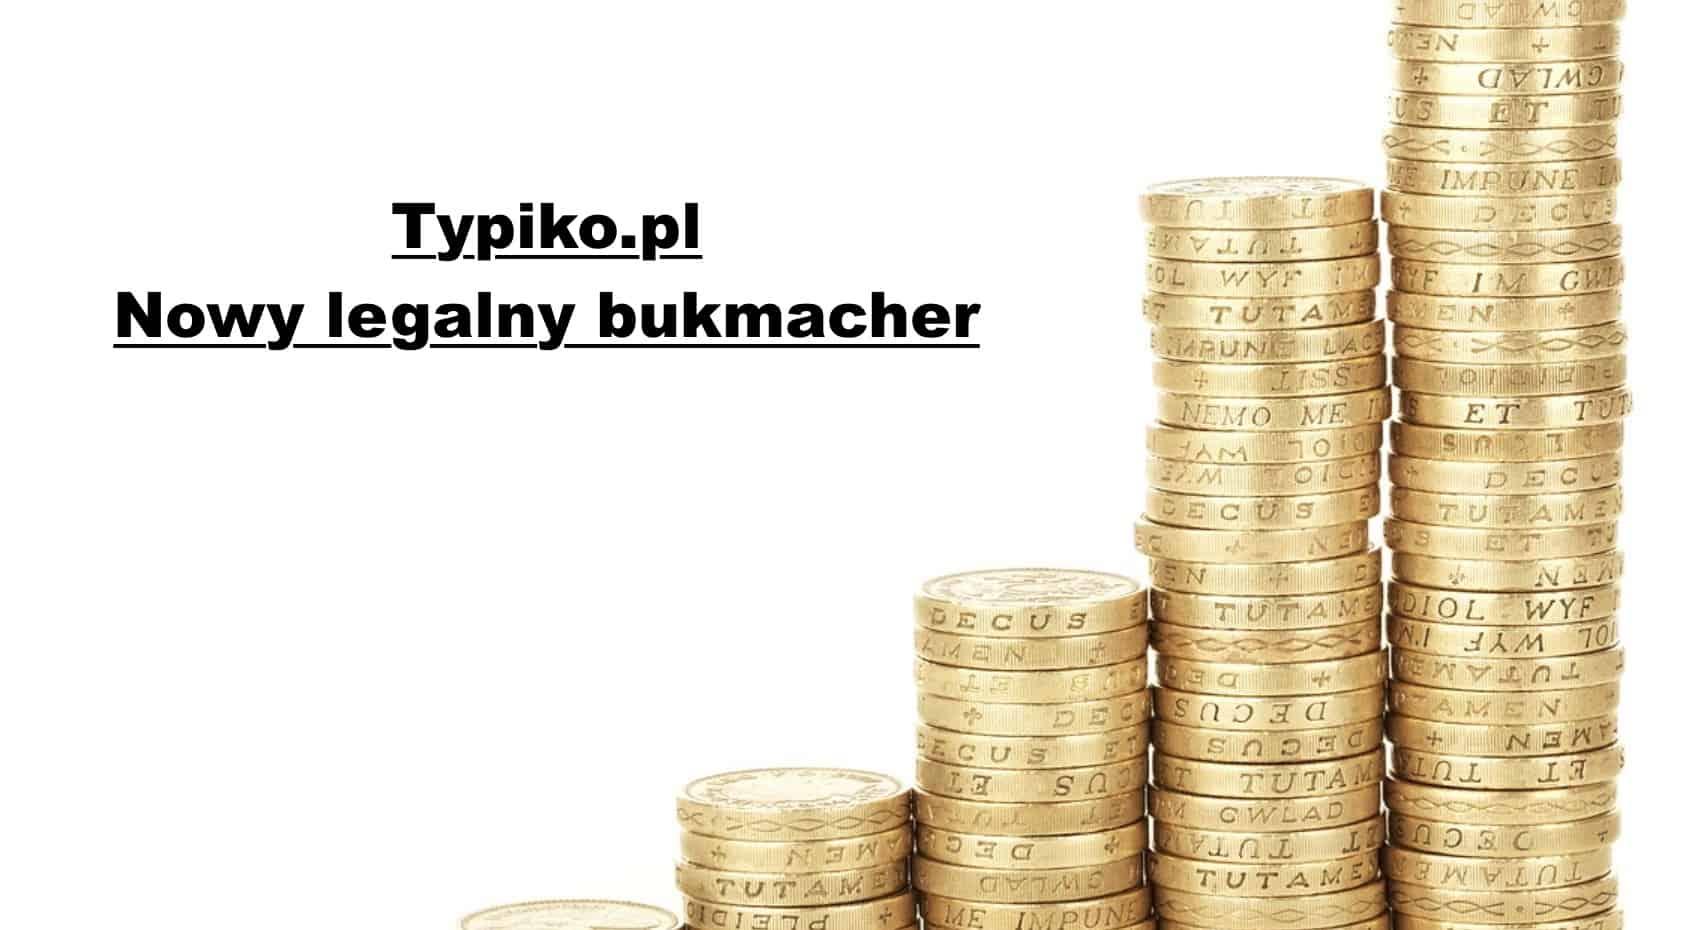 Legalny bukmacher Typiko